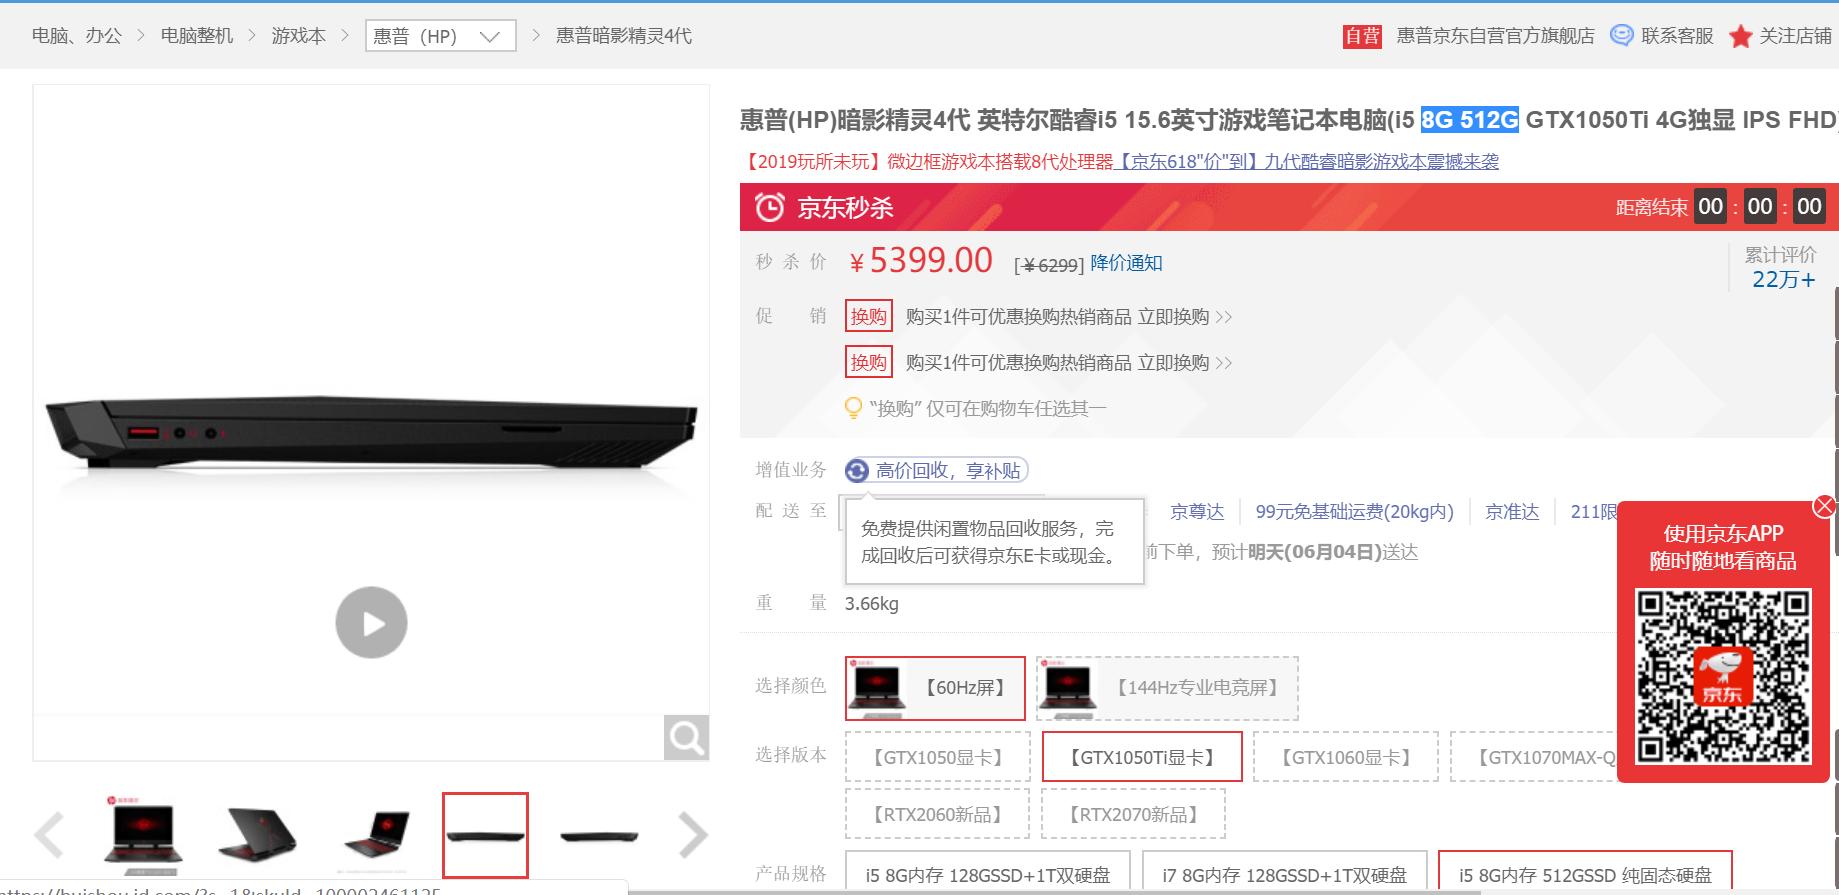 嗨爆京东618!端午节首发新品笔记本电脑低至2999元